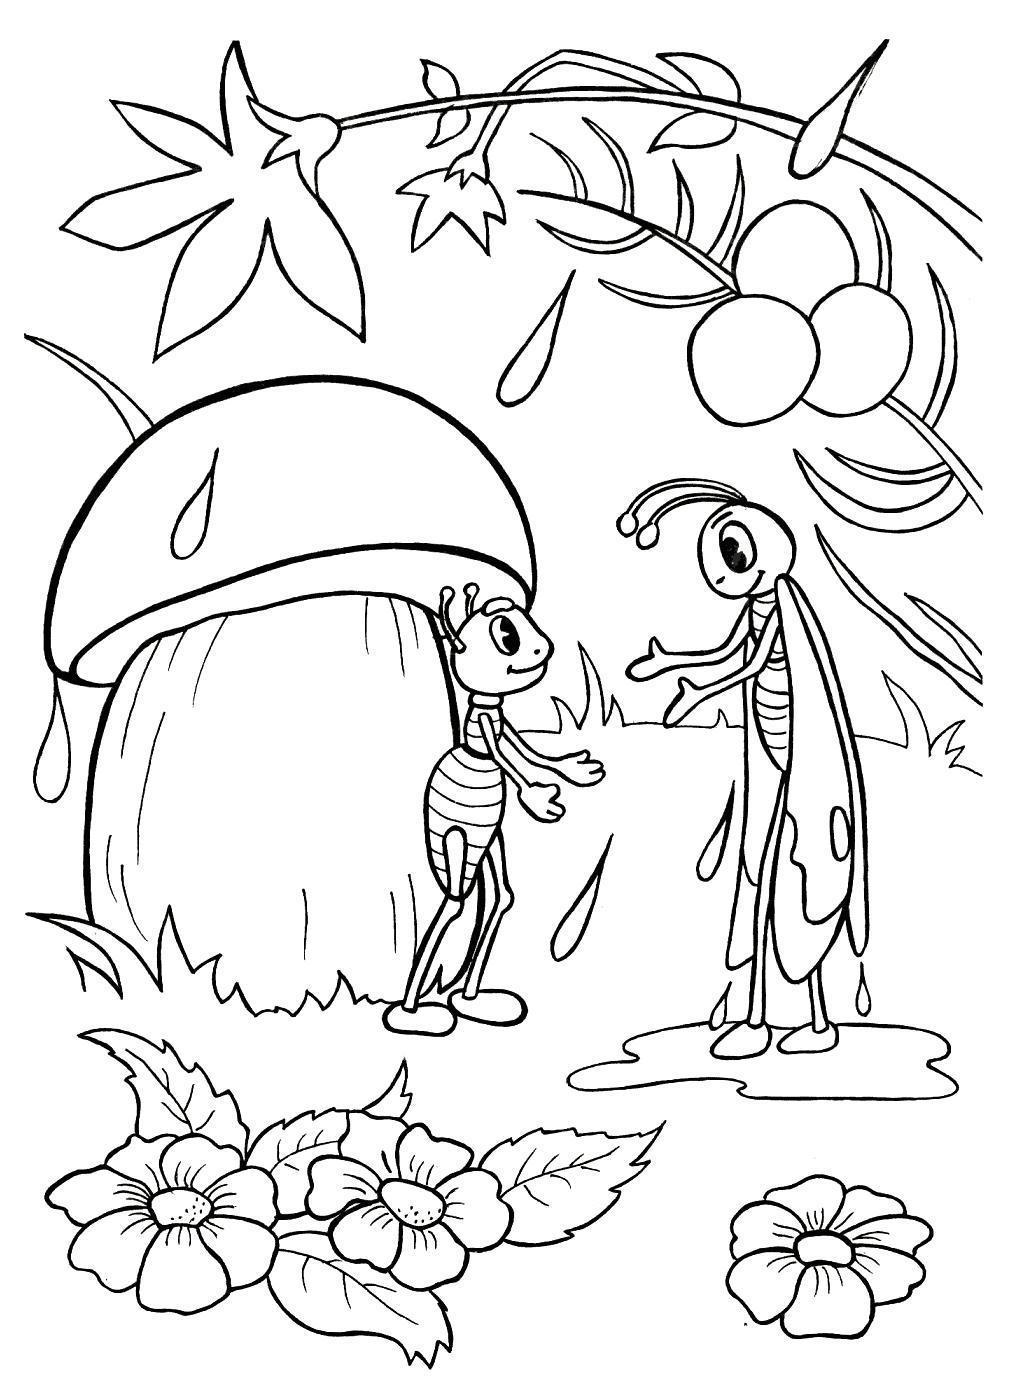 Раскраска с цветами и грибом